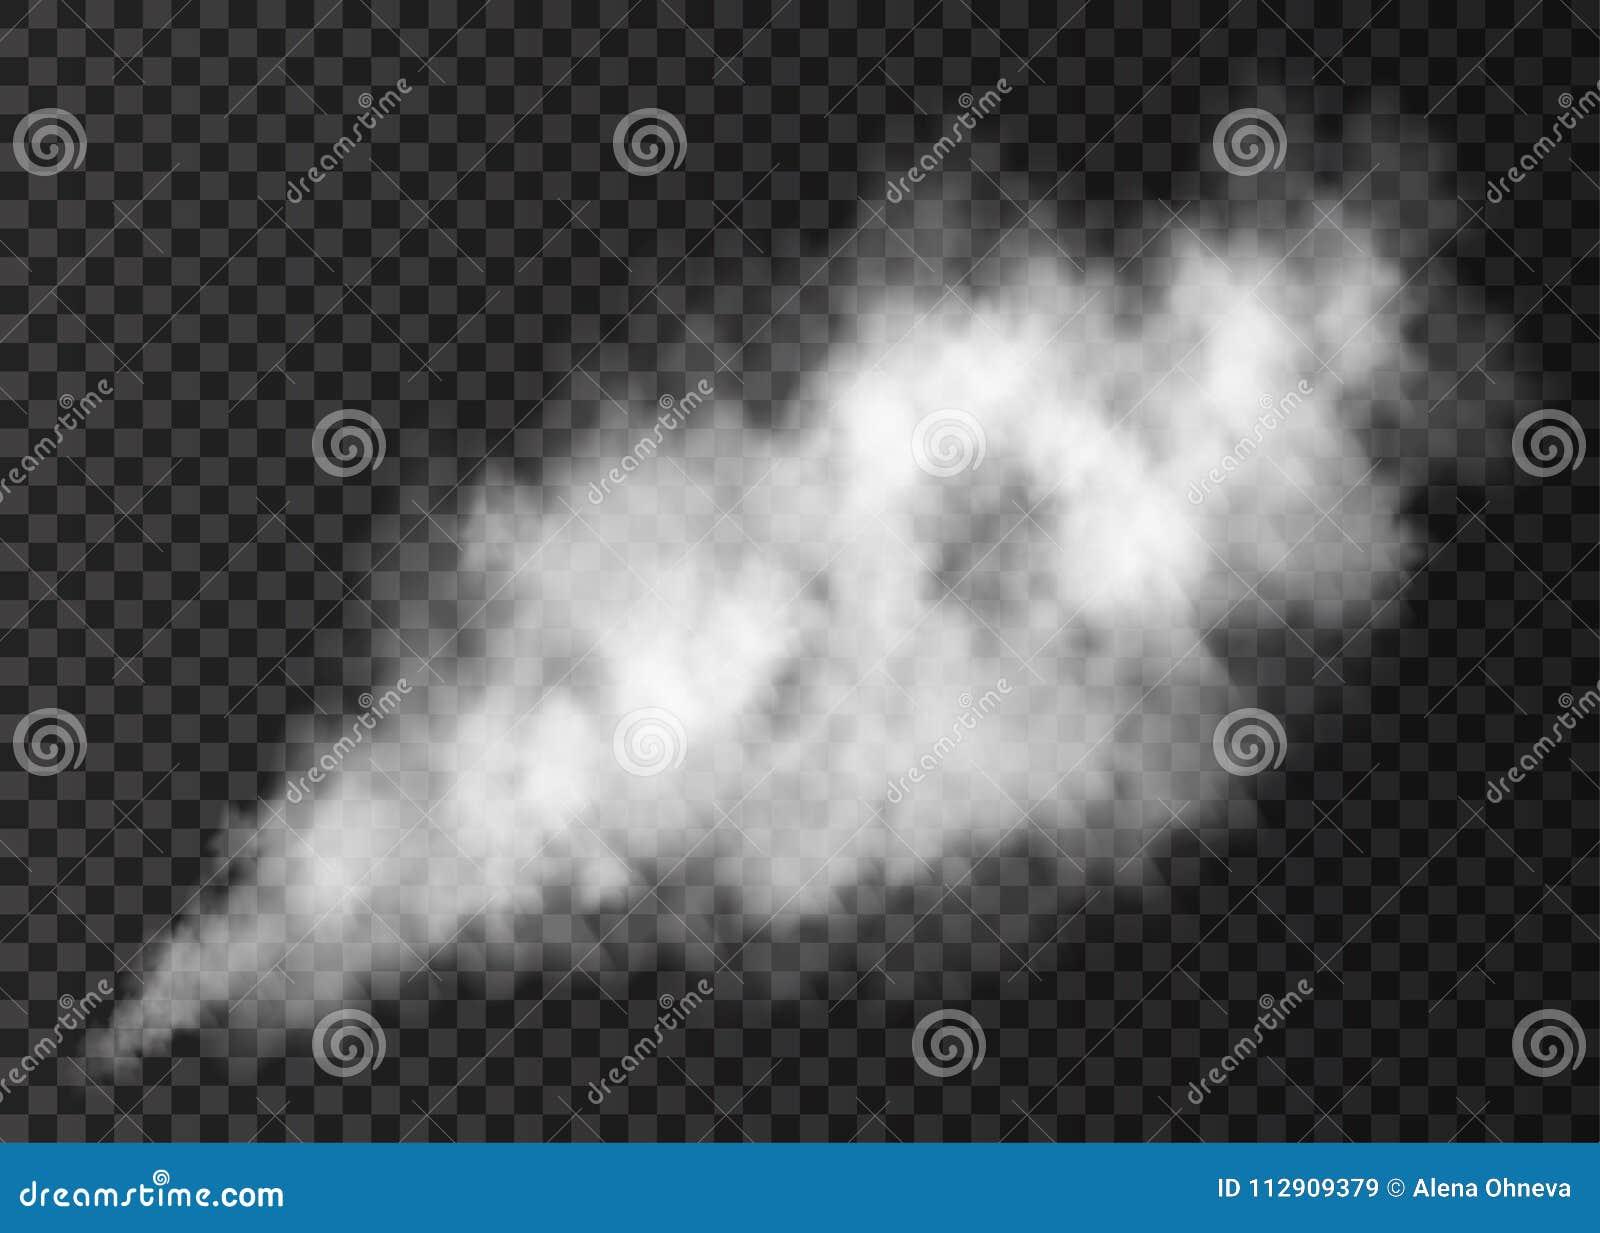 Белая слойка дыма изолированная на прозрачной предпосылке